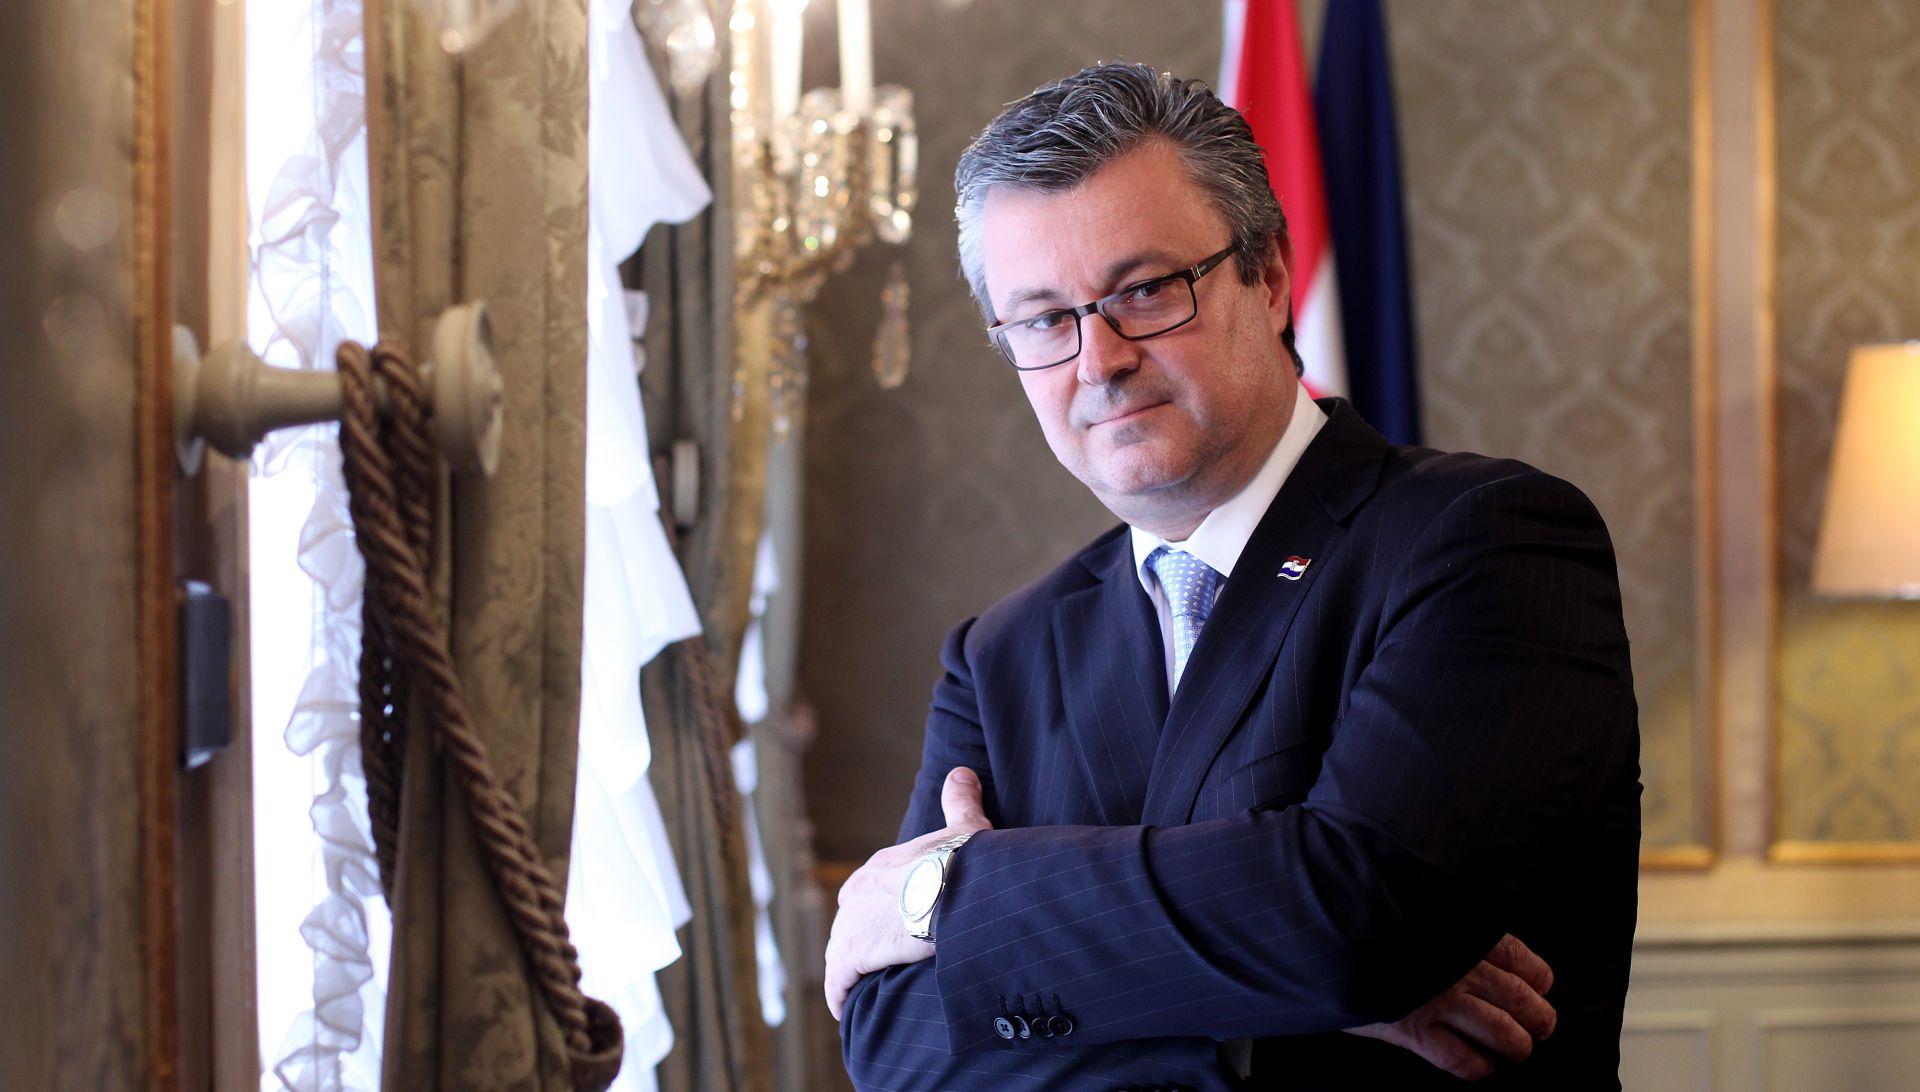 OSTANAK U POLITICI? Orešković će do 15. srpnja odlučiti hoće li na izbore s Mostom